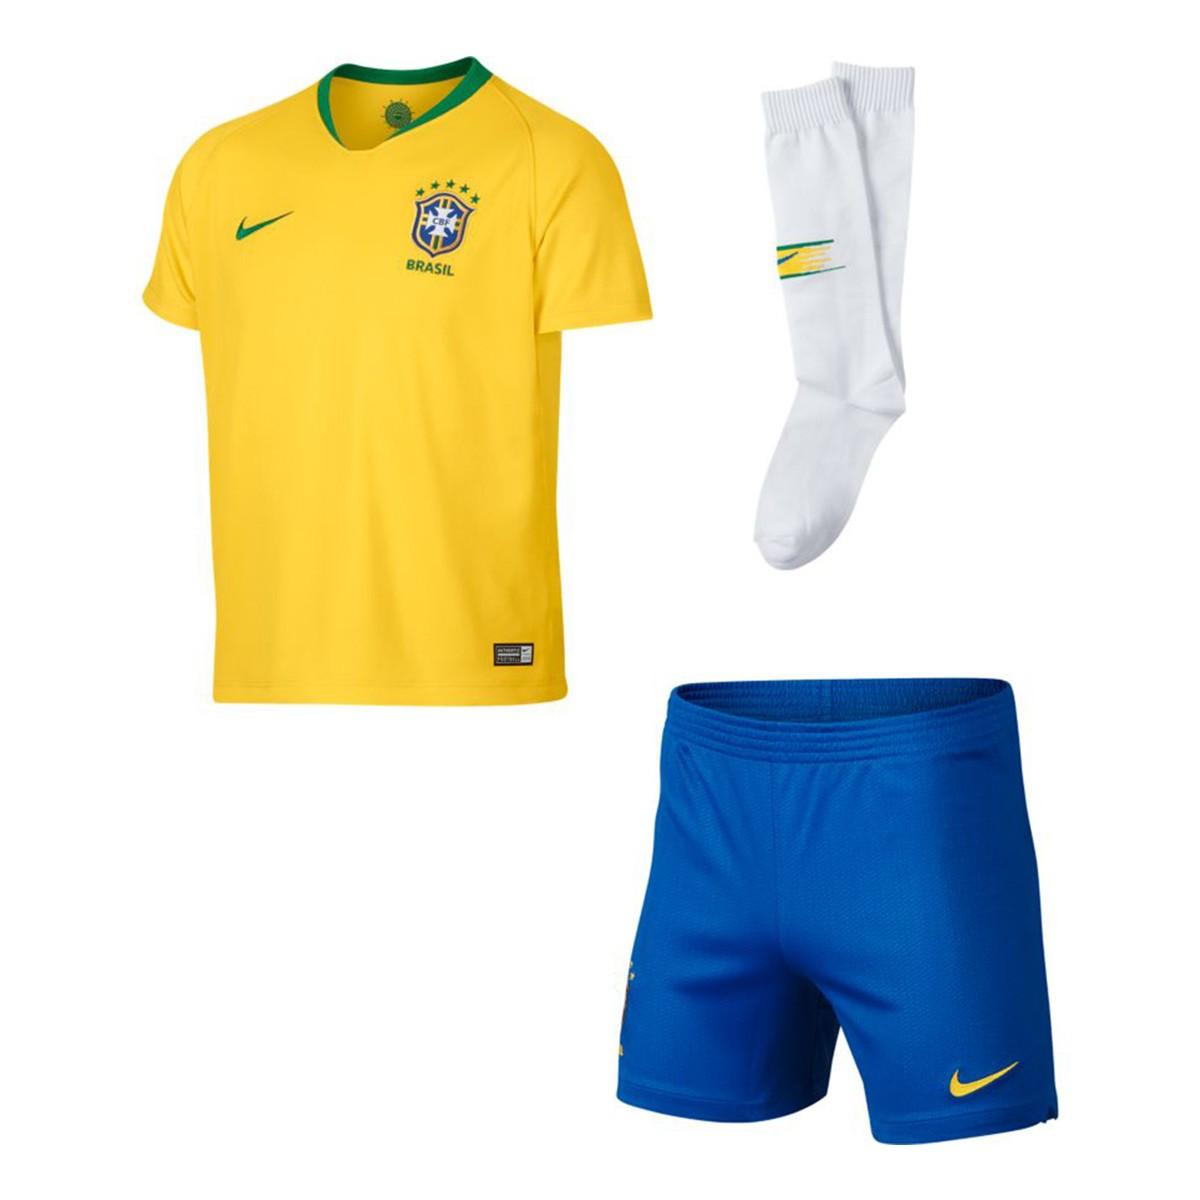 Conjunto Nike Brasil Breathe Primera Equipación 2018-2019 Niño Midwest  gold-Lucky green - Leaked soccer 9fe3caa6481